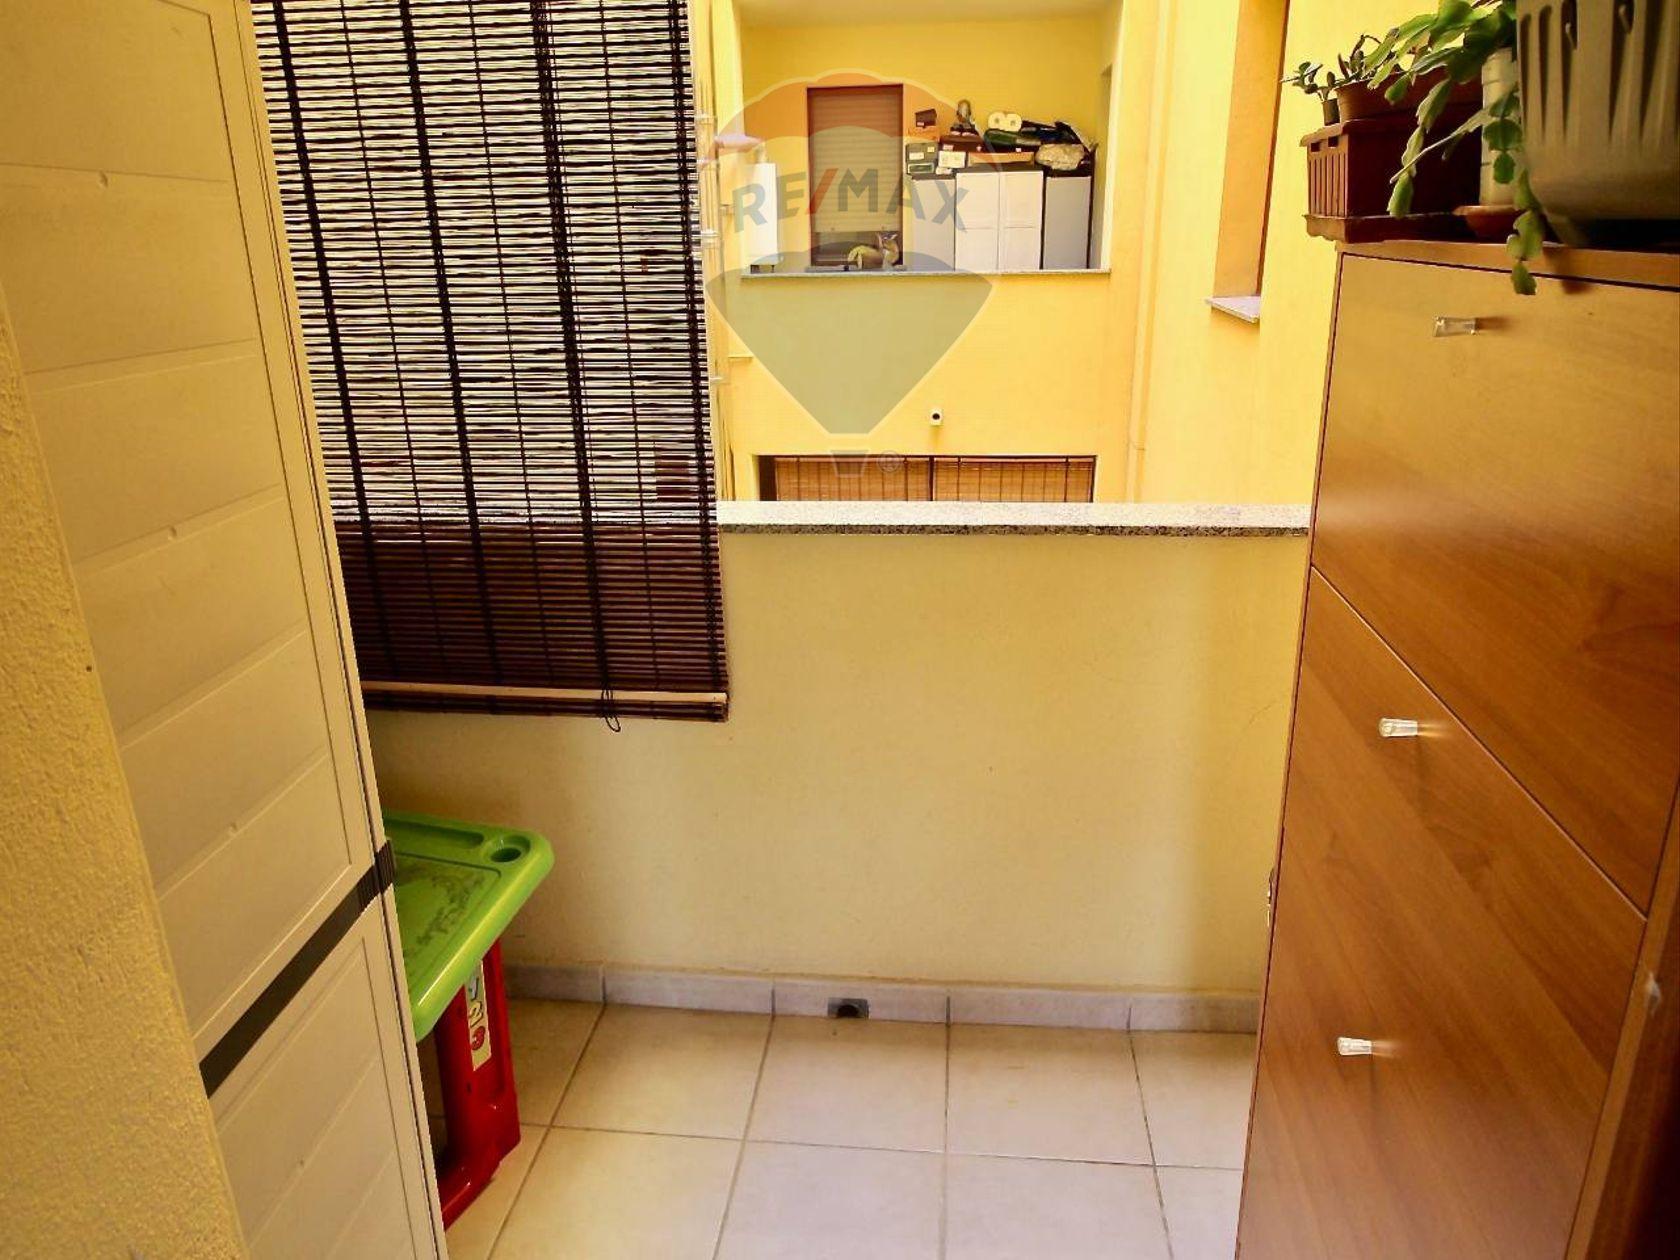 Appartamento Ss-sassari 2, Sassari, SS Vendita - Foto 9